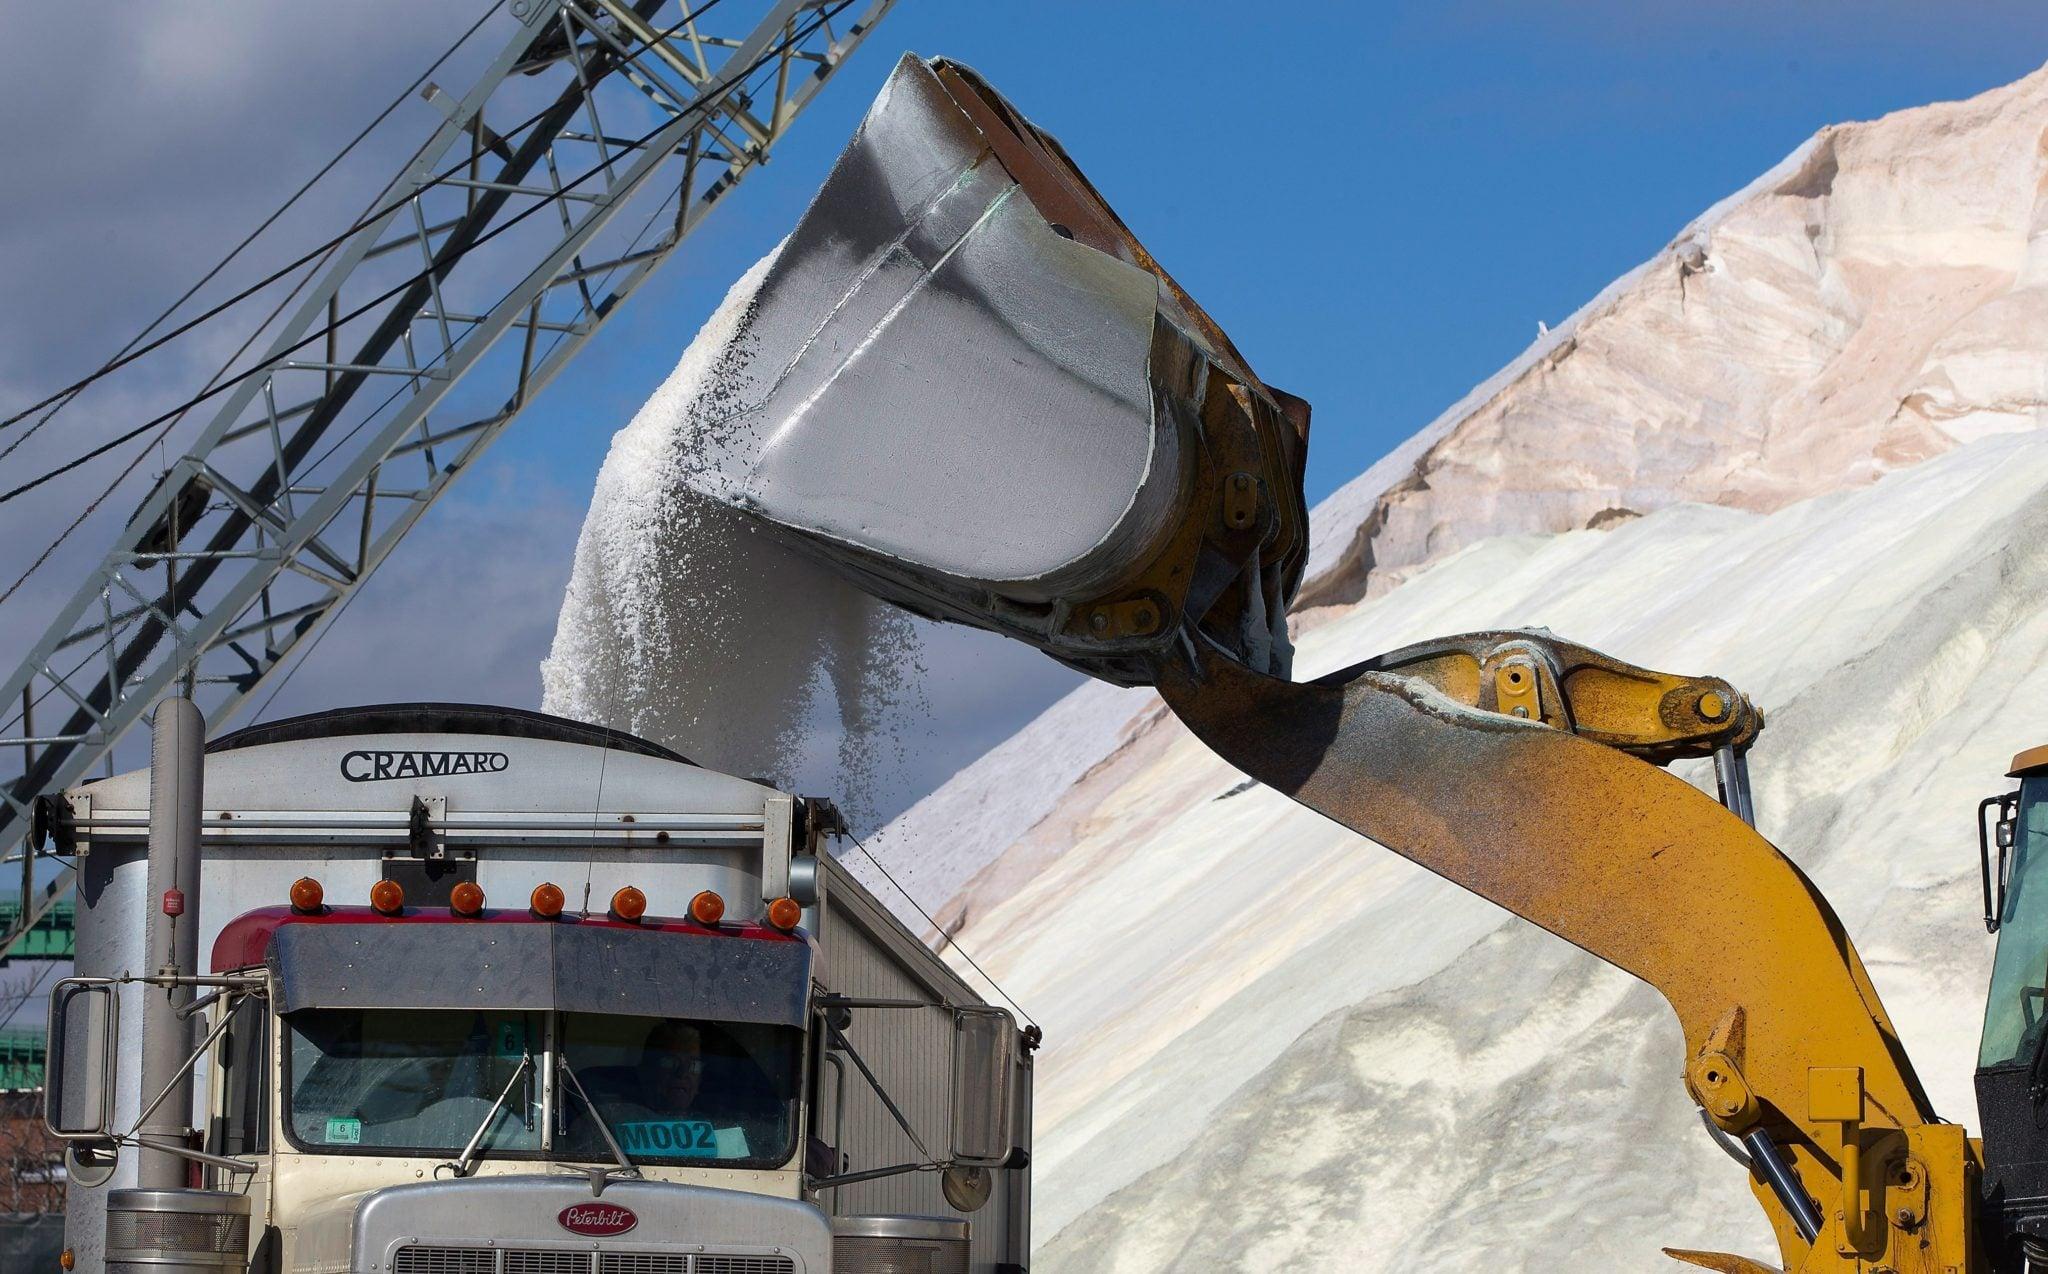 USA, Massachusetts: załogi ładują sól drogową do ciężarówek w ramach przygotowań do nadchodzącej burzy na terminalu soli w Chelsea. W sumie załadowano 100 ciężarówek po 30 ton każdą do wykorzystania na lokalnych drogach podczas śnieżycy, fot: PAP/EPA